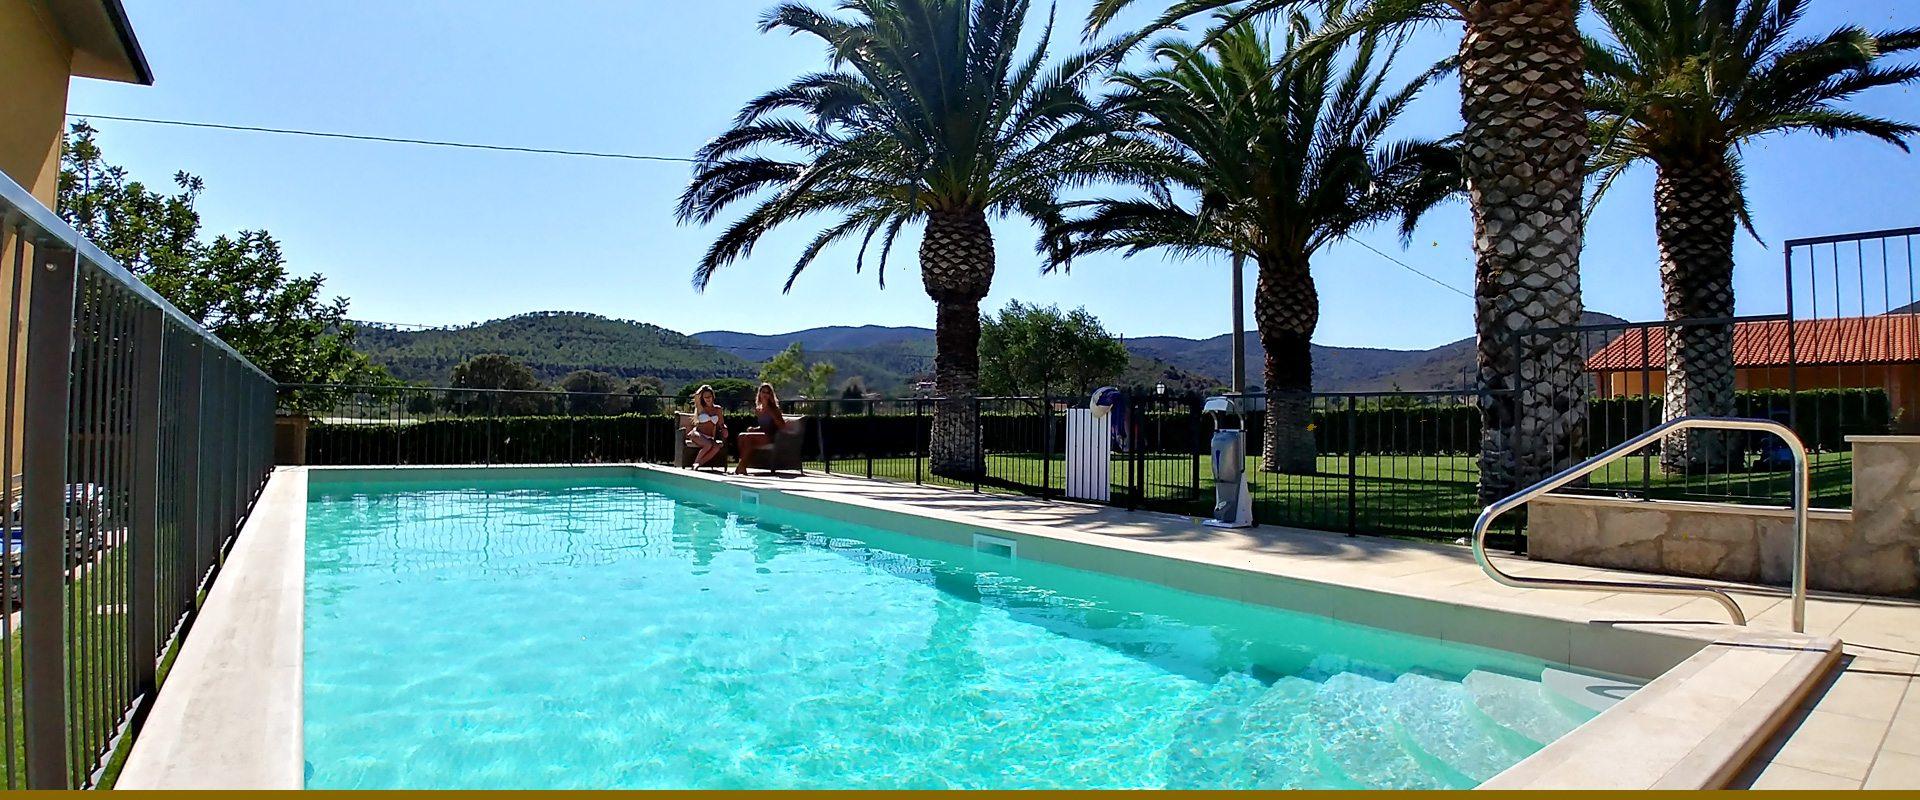 Agriturismo con piscina a castiglione della pescaia - Agriturismo napoli con piscina ...